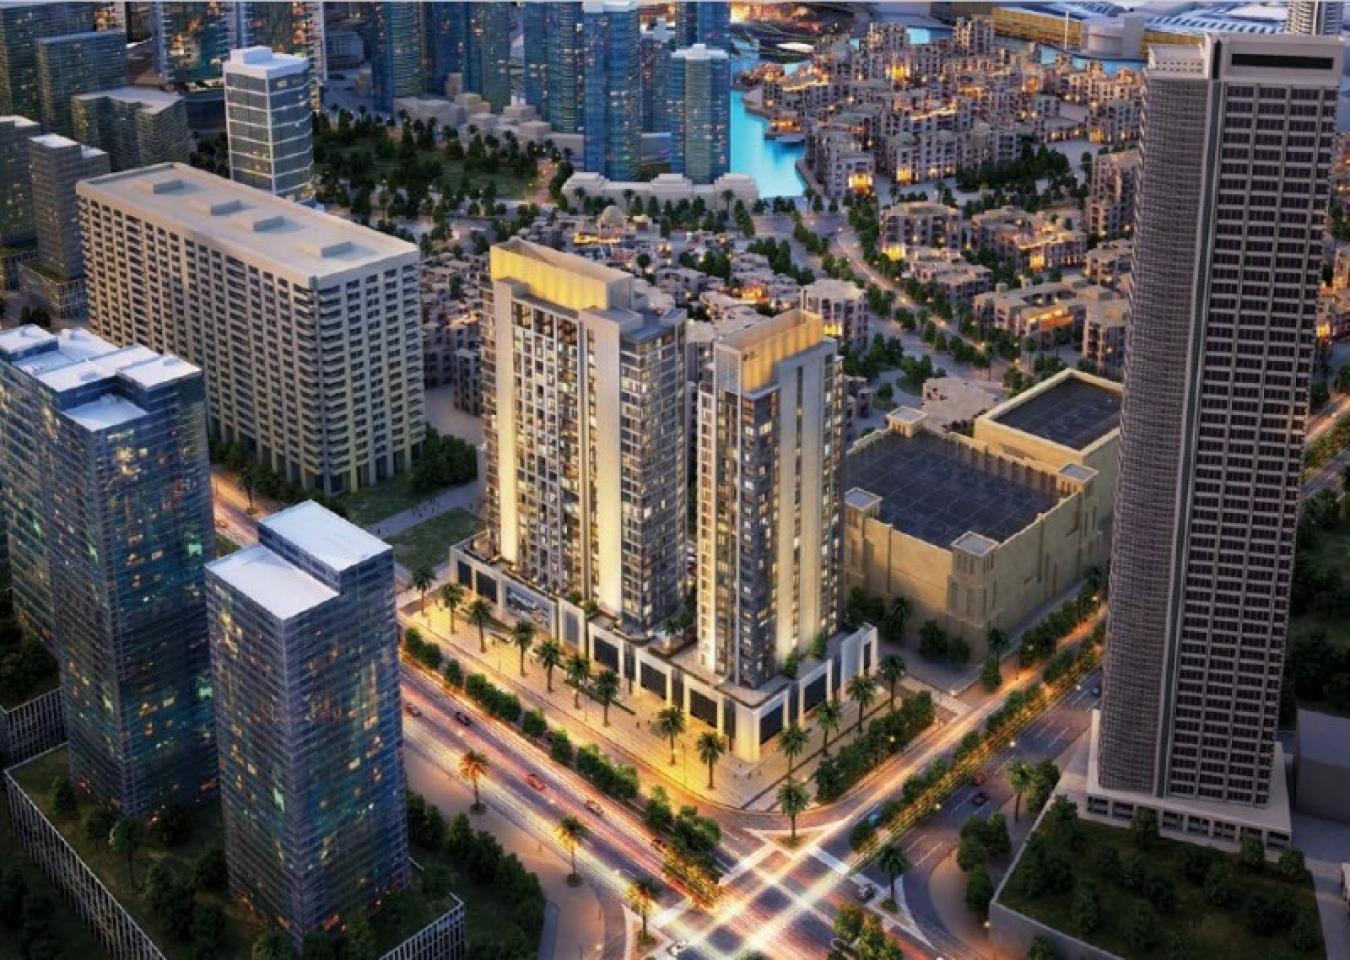 Posh 1 BR Apt in Bellevue Towers 2 by DPG